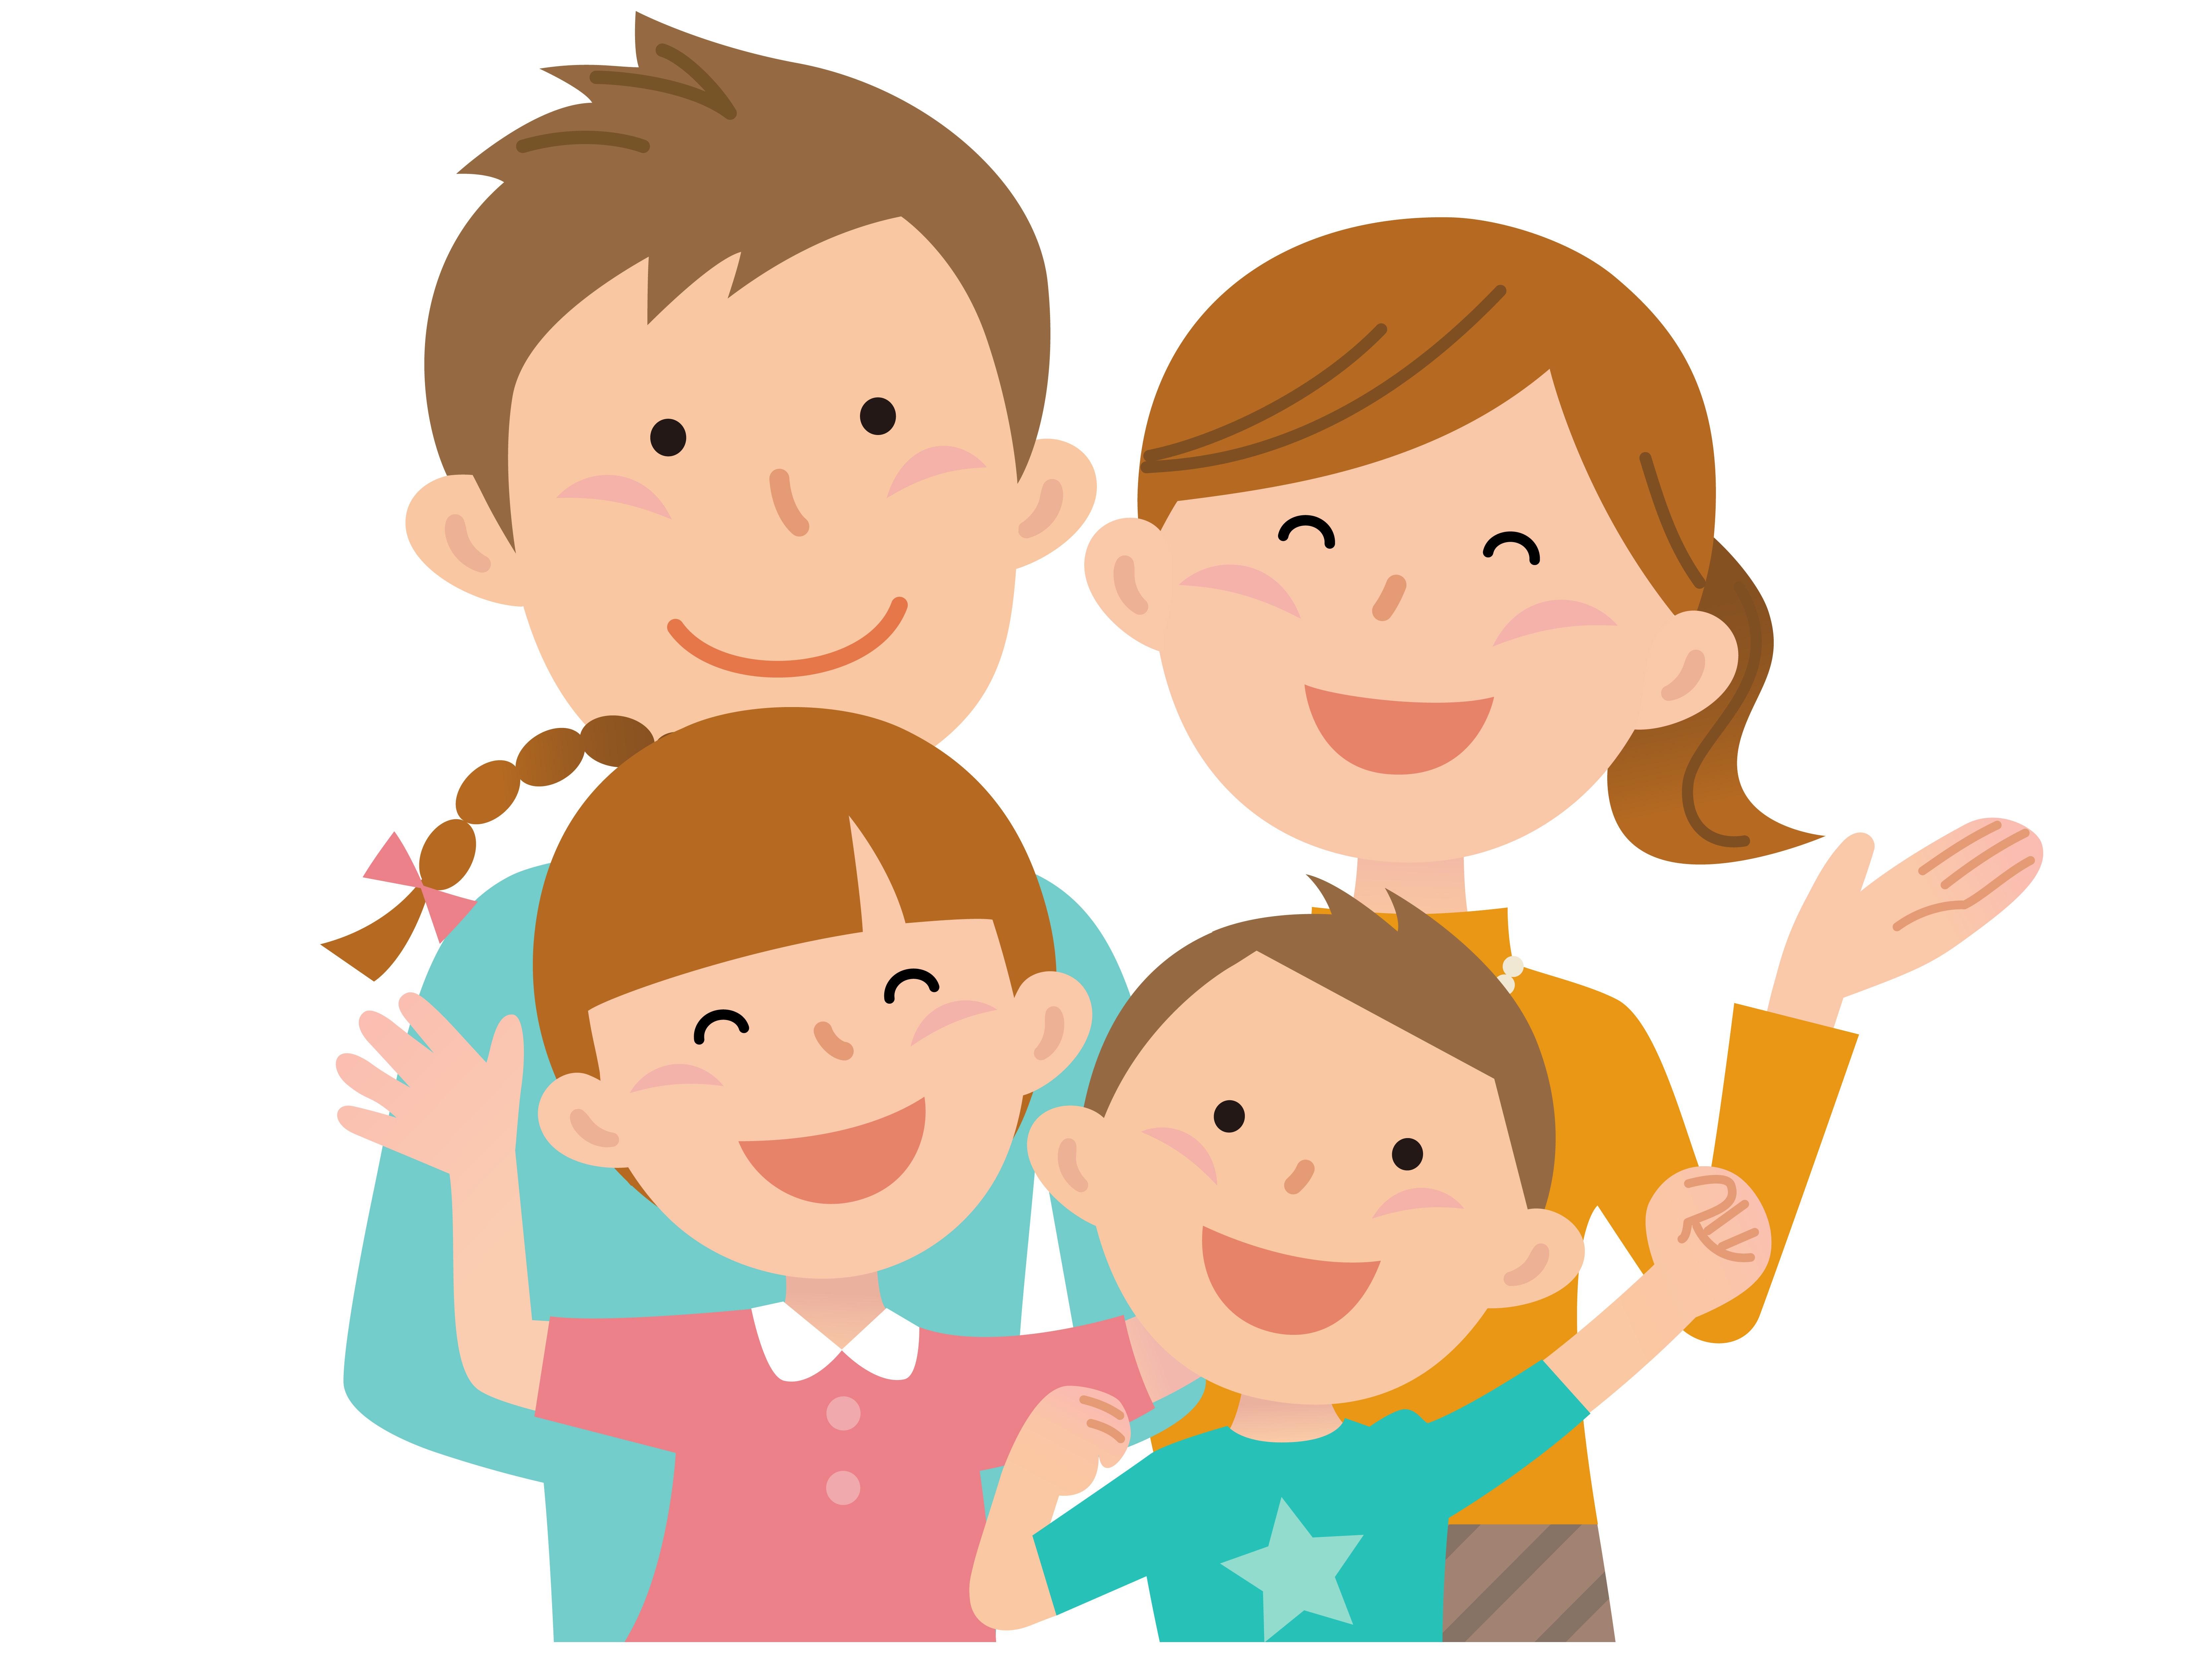 共働き,子育て,家事,分担